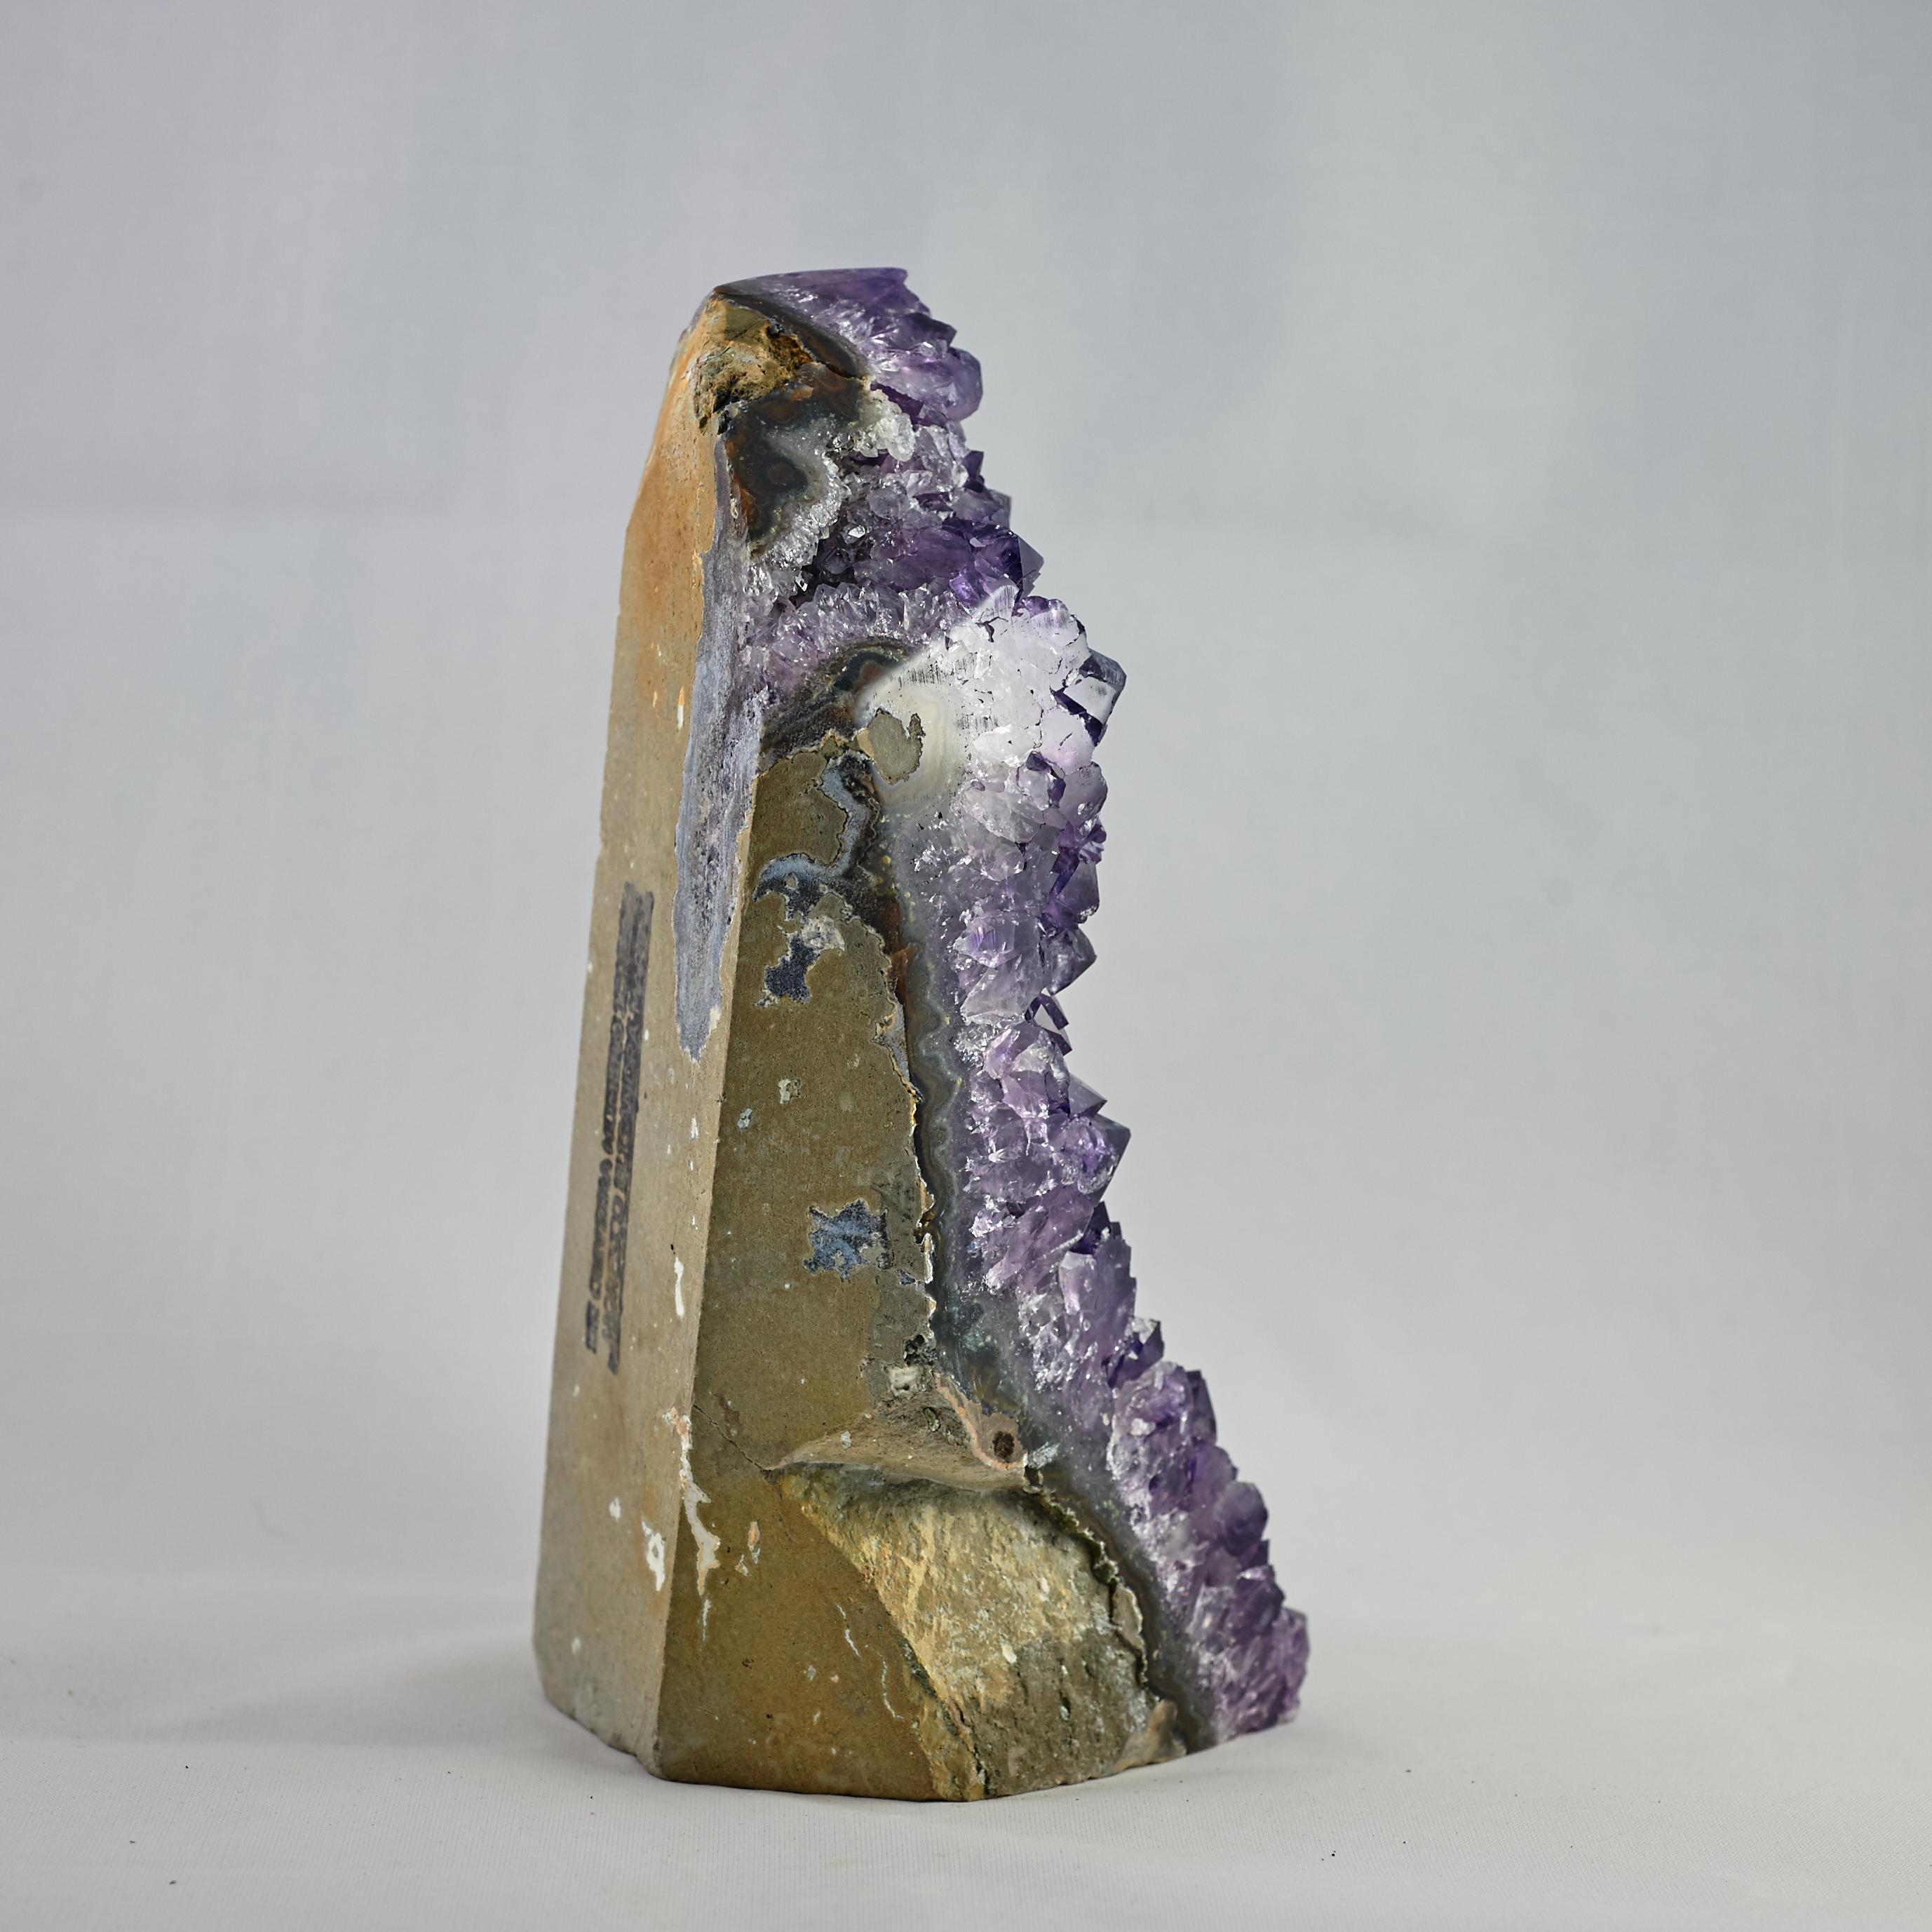 Amethyst Geode .jpg 000011_3